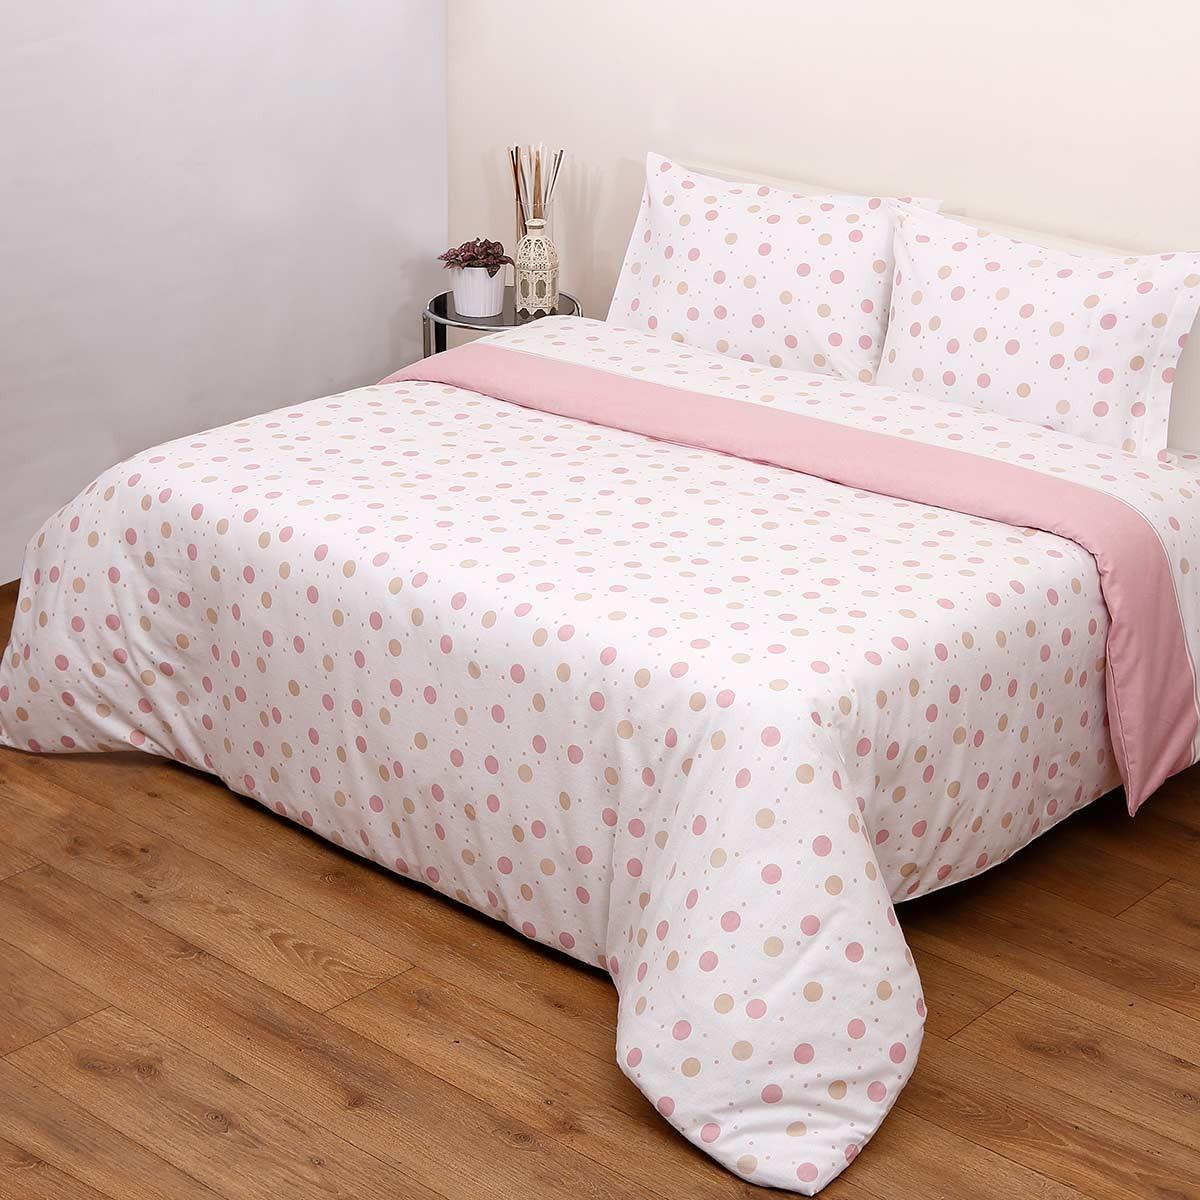 Φανελένια Σεντόνια Υπέρδιπλα (Σετ) Viopros 8692 Ροζ